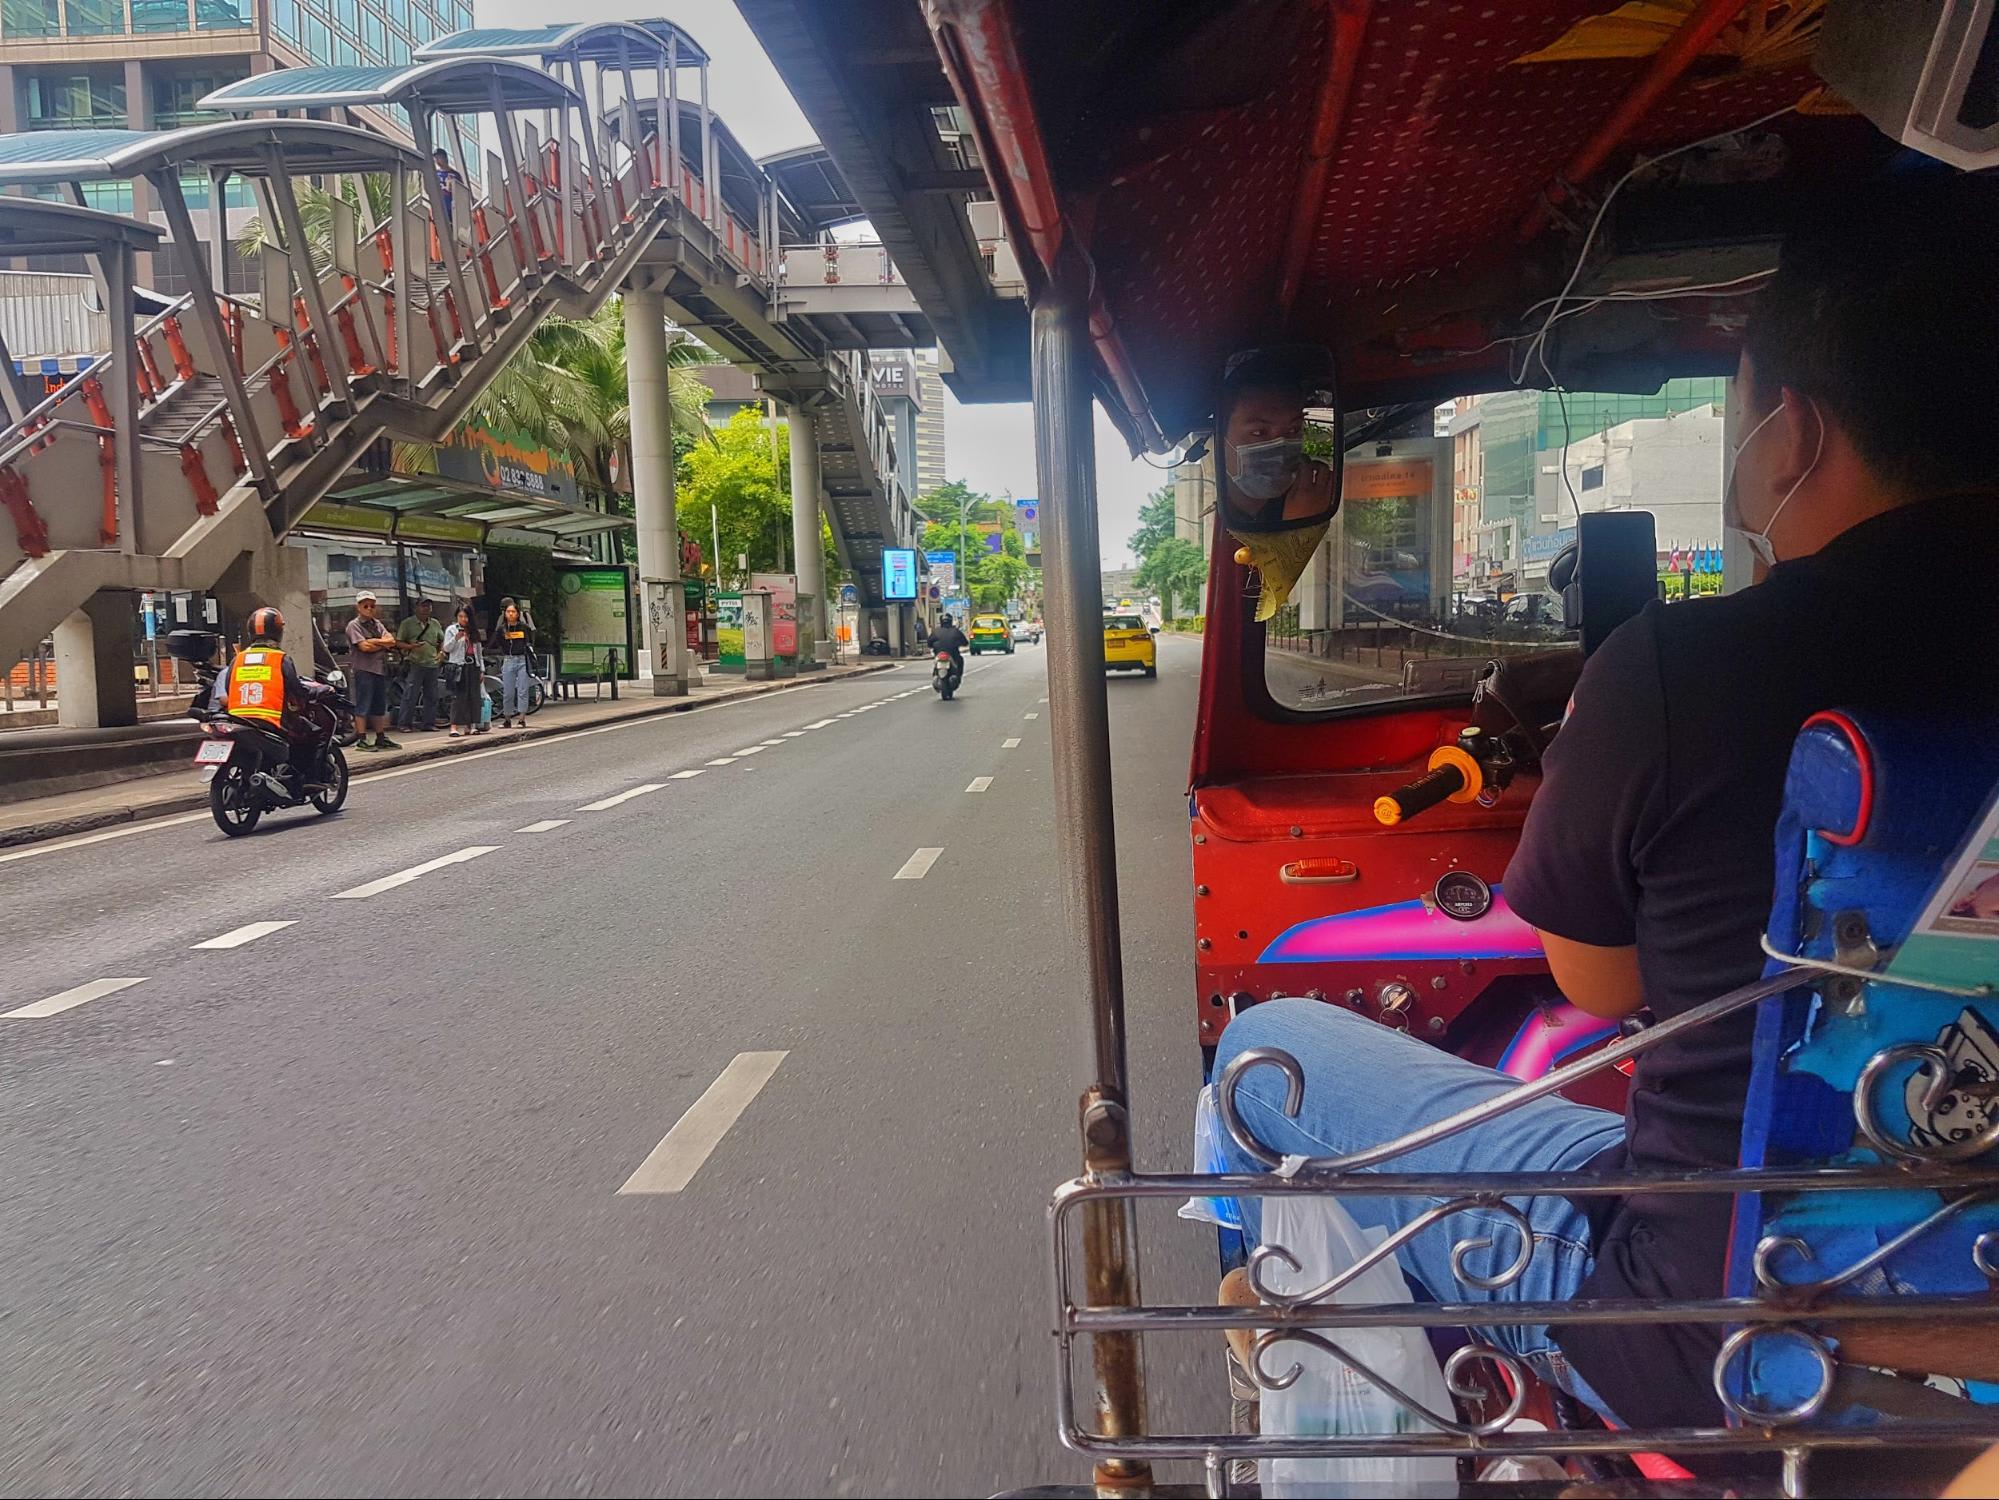 xe tuk tuk ở bangkok